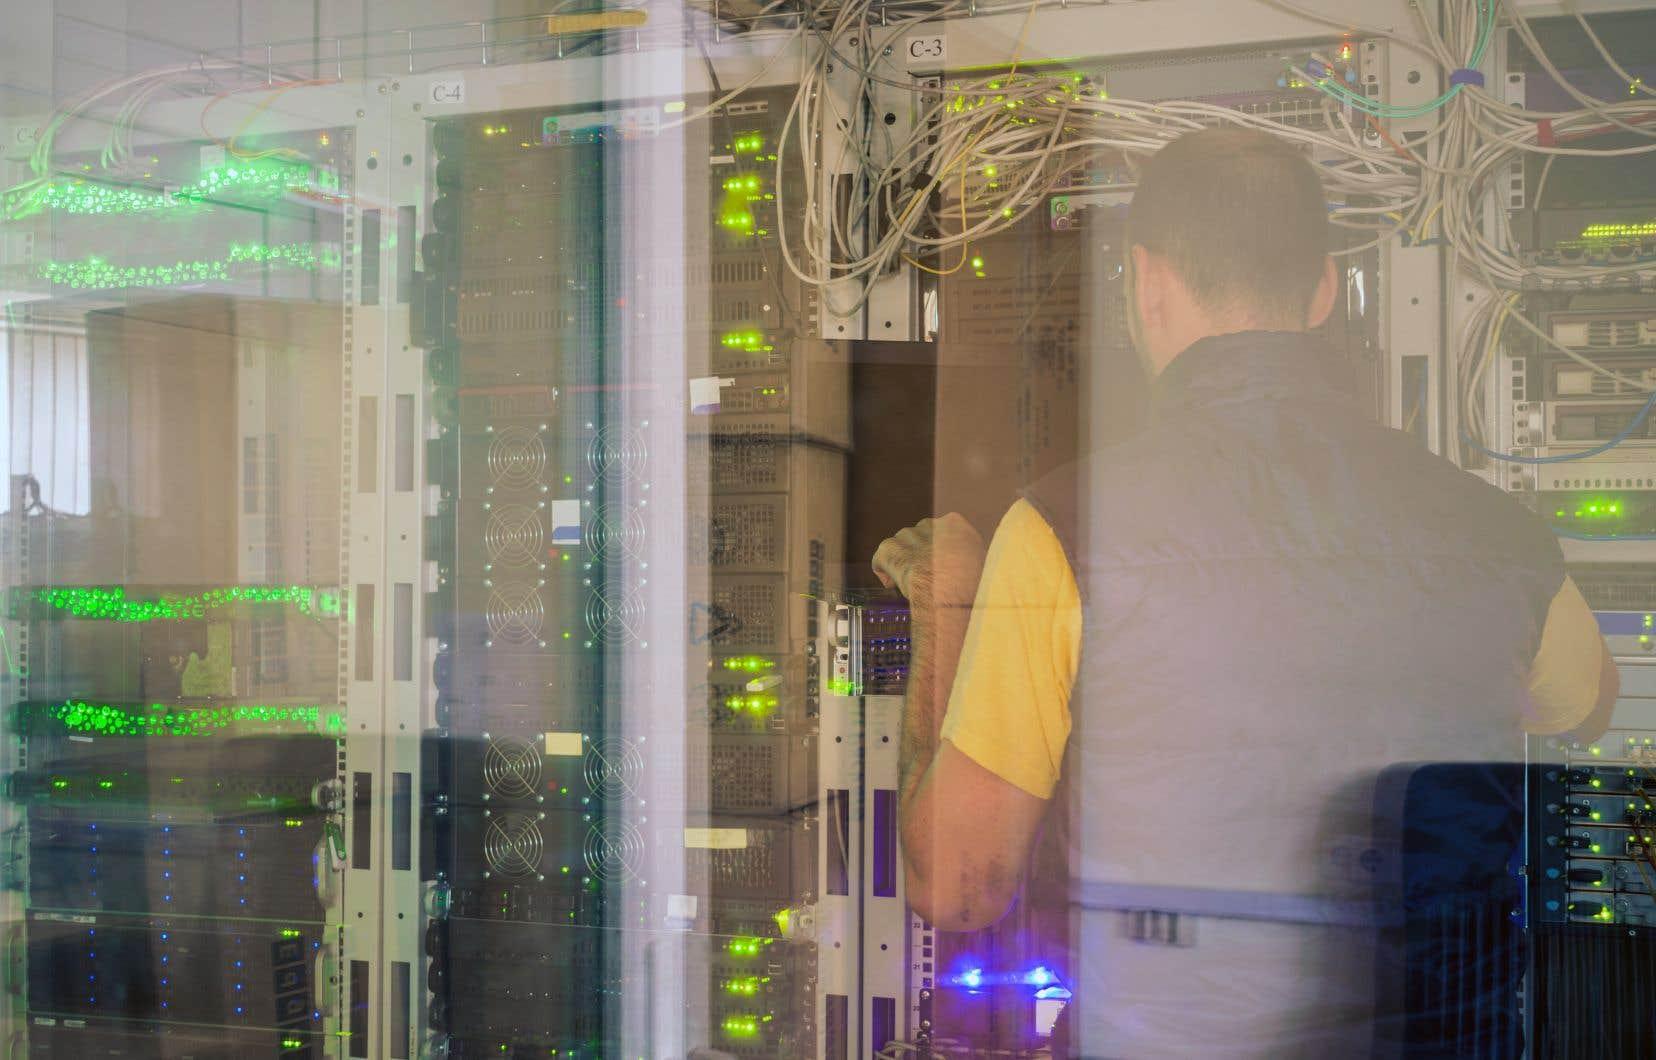 L'État québécois dépense annuellement quelque 4,5 milliards de dollars pour ses ressources informatiques.